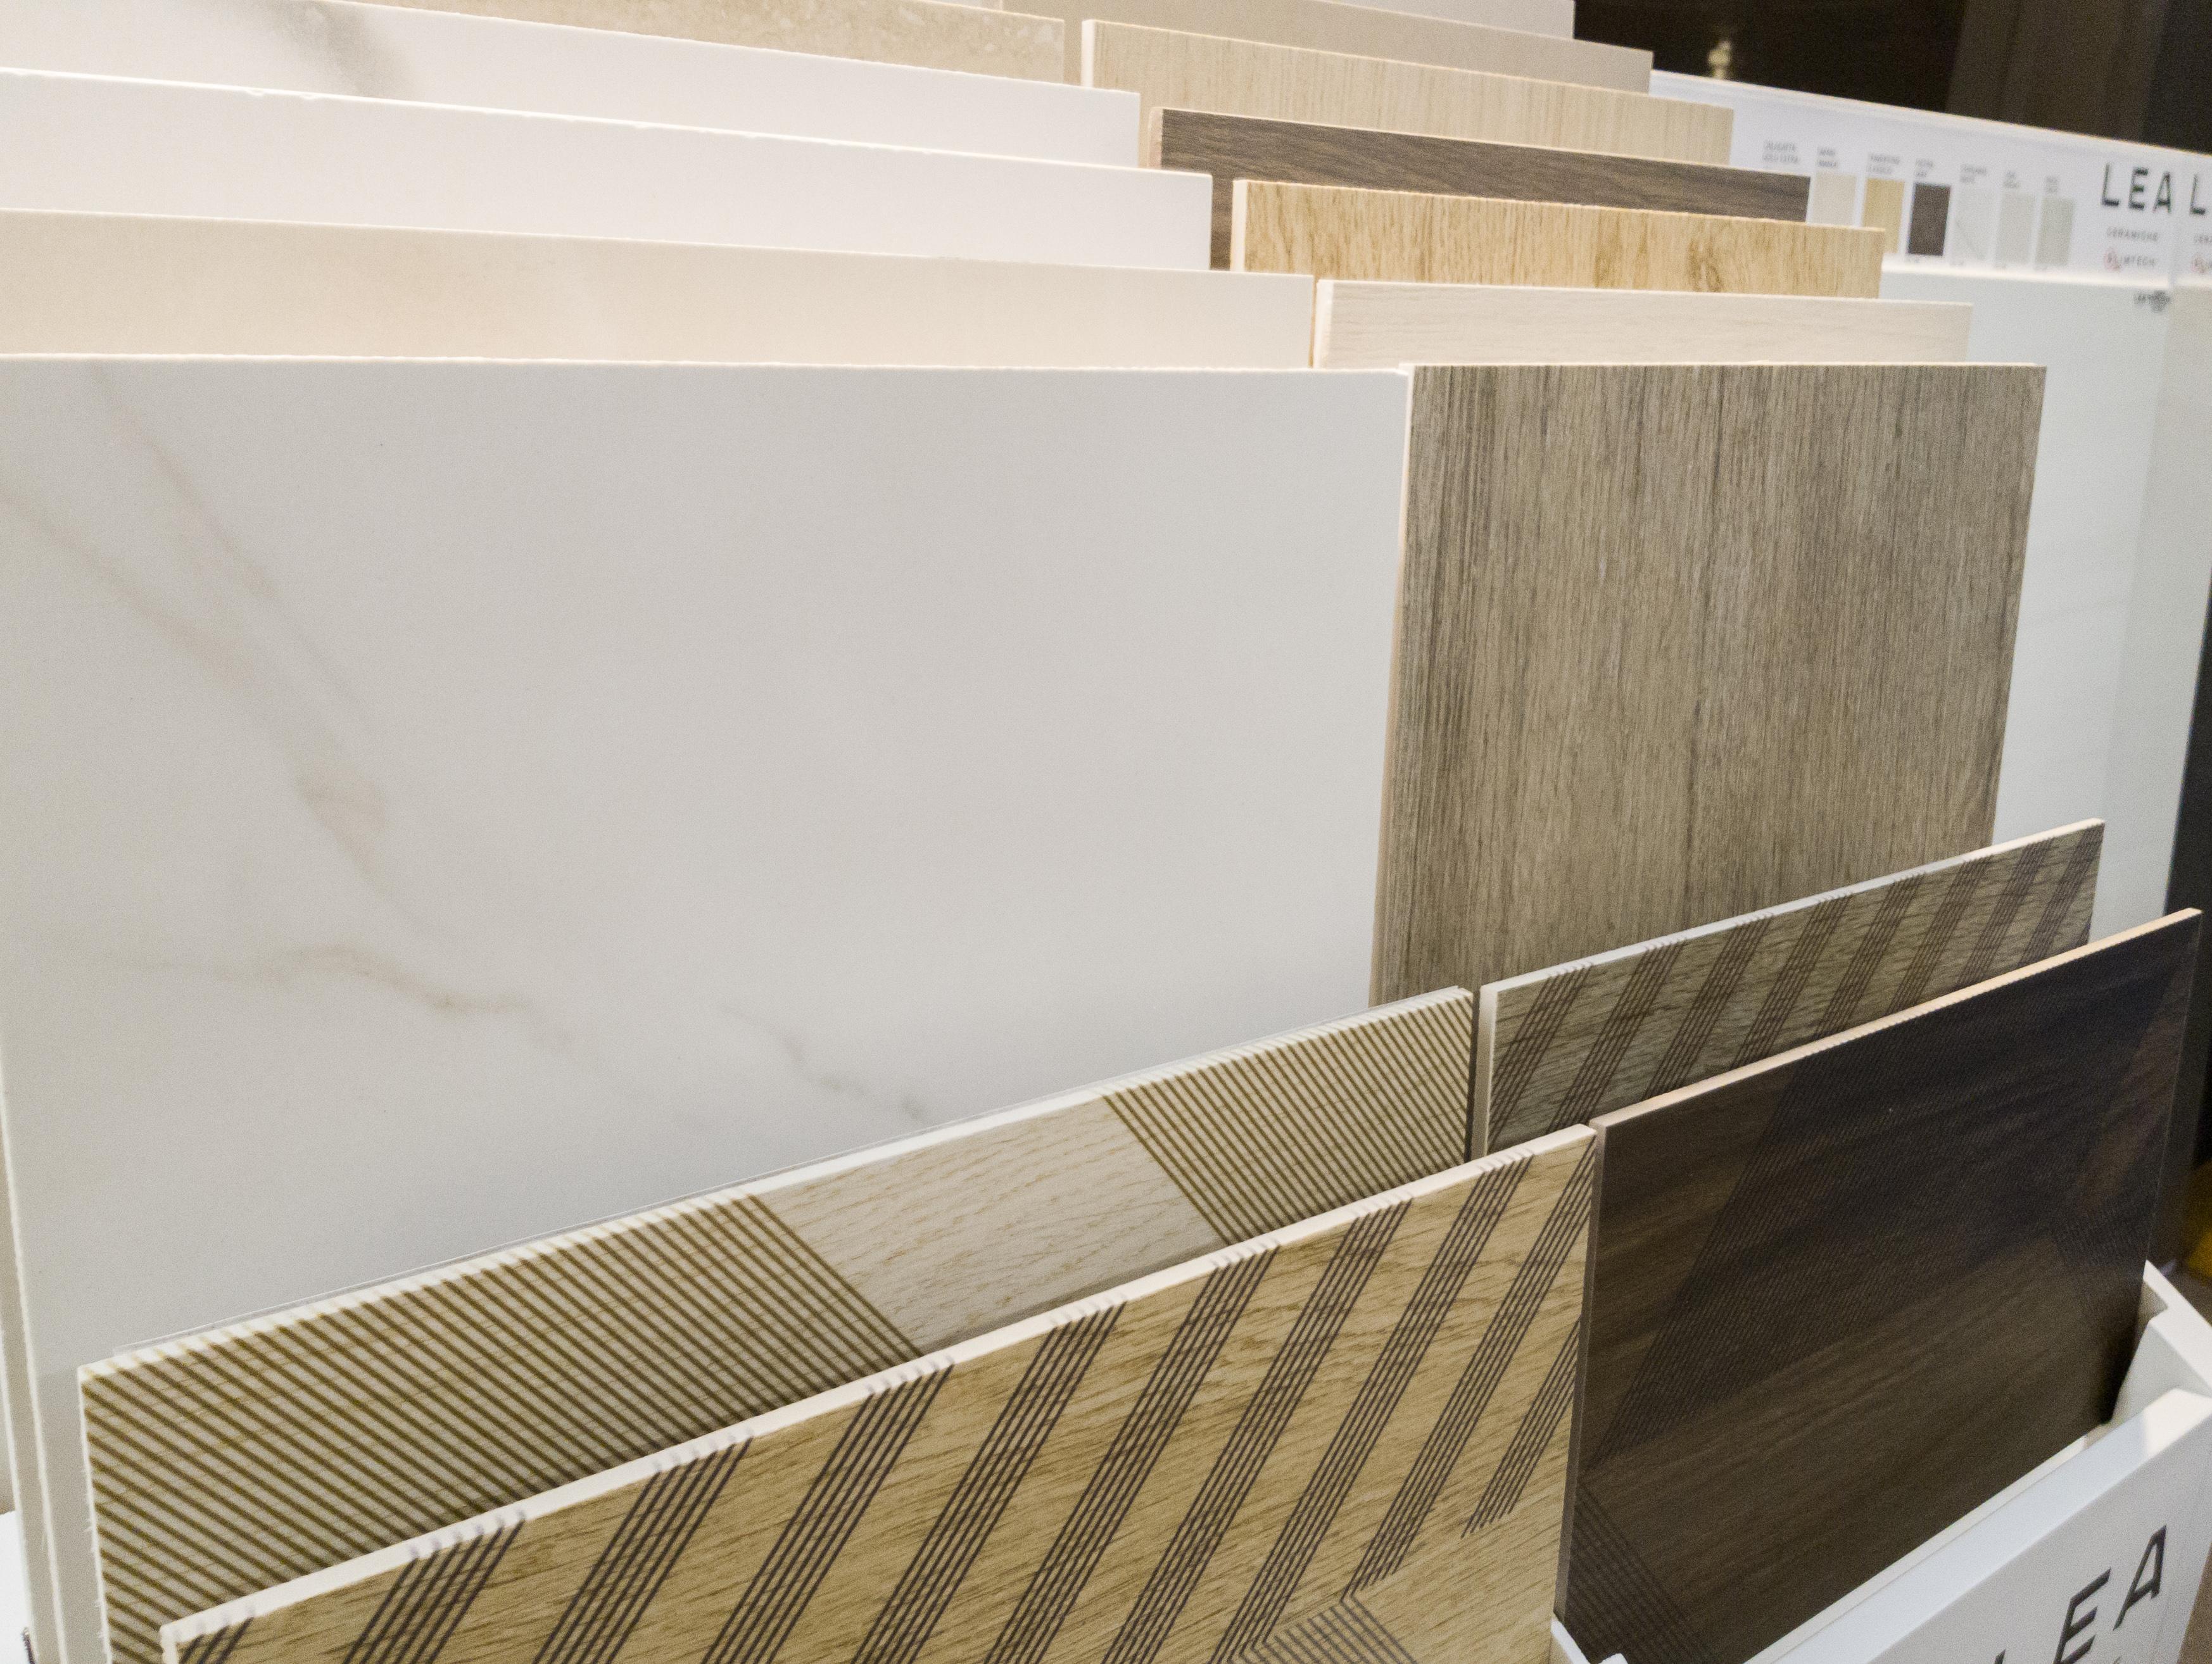 Le Migliori Marche Di Ceramiche ceramiche pavimenti rivestimenti - centro ceramiche mazzoni